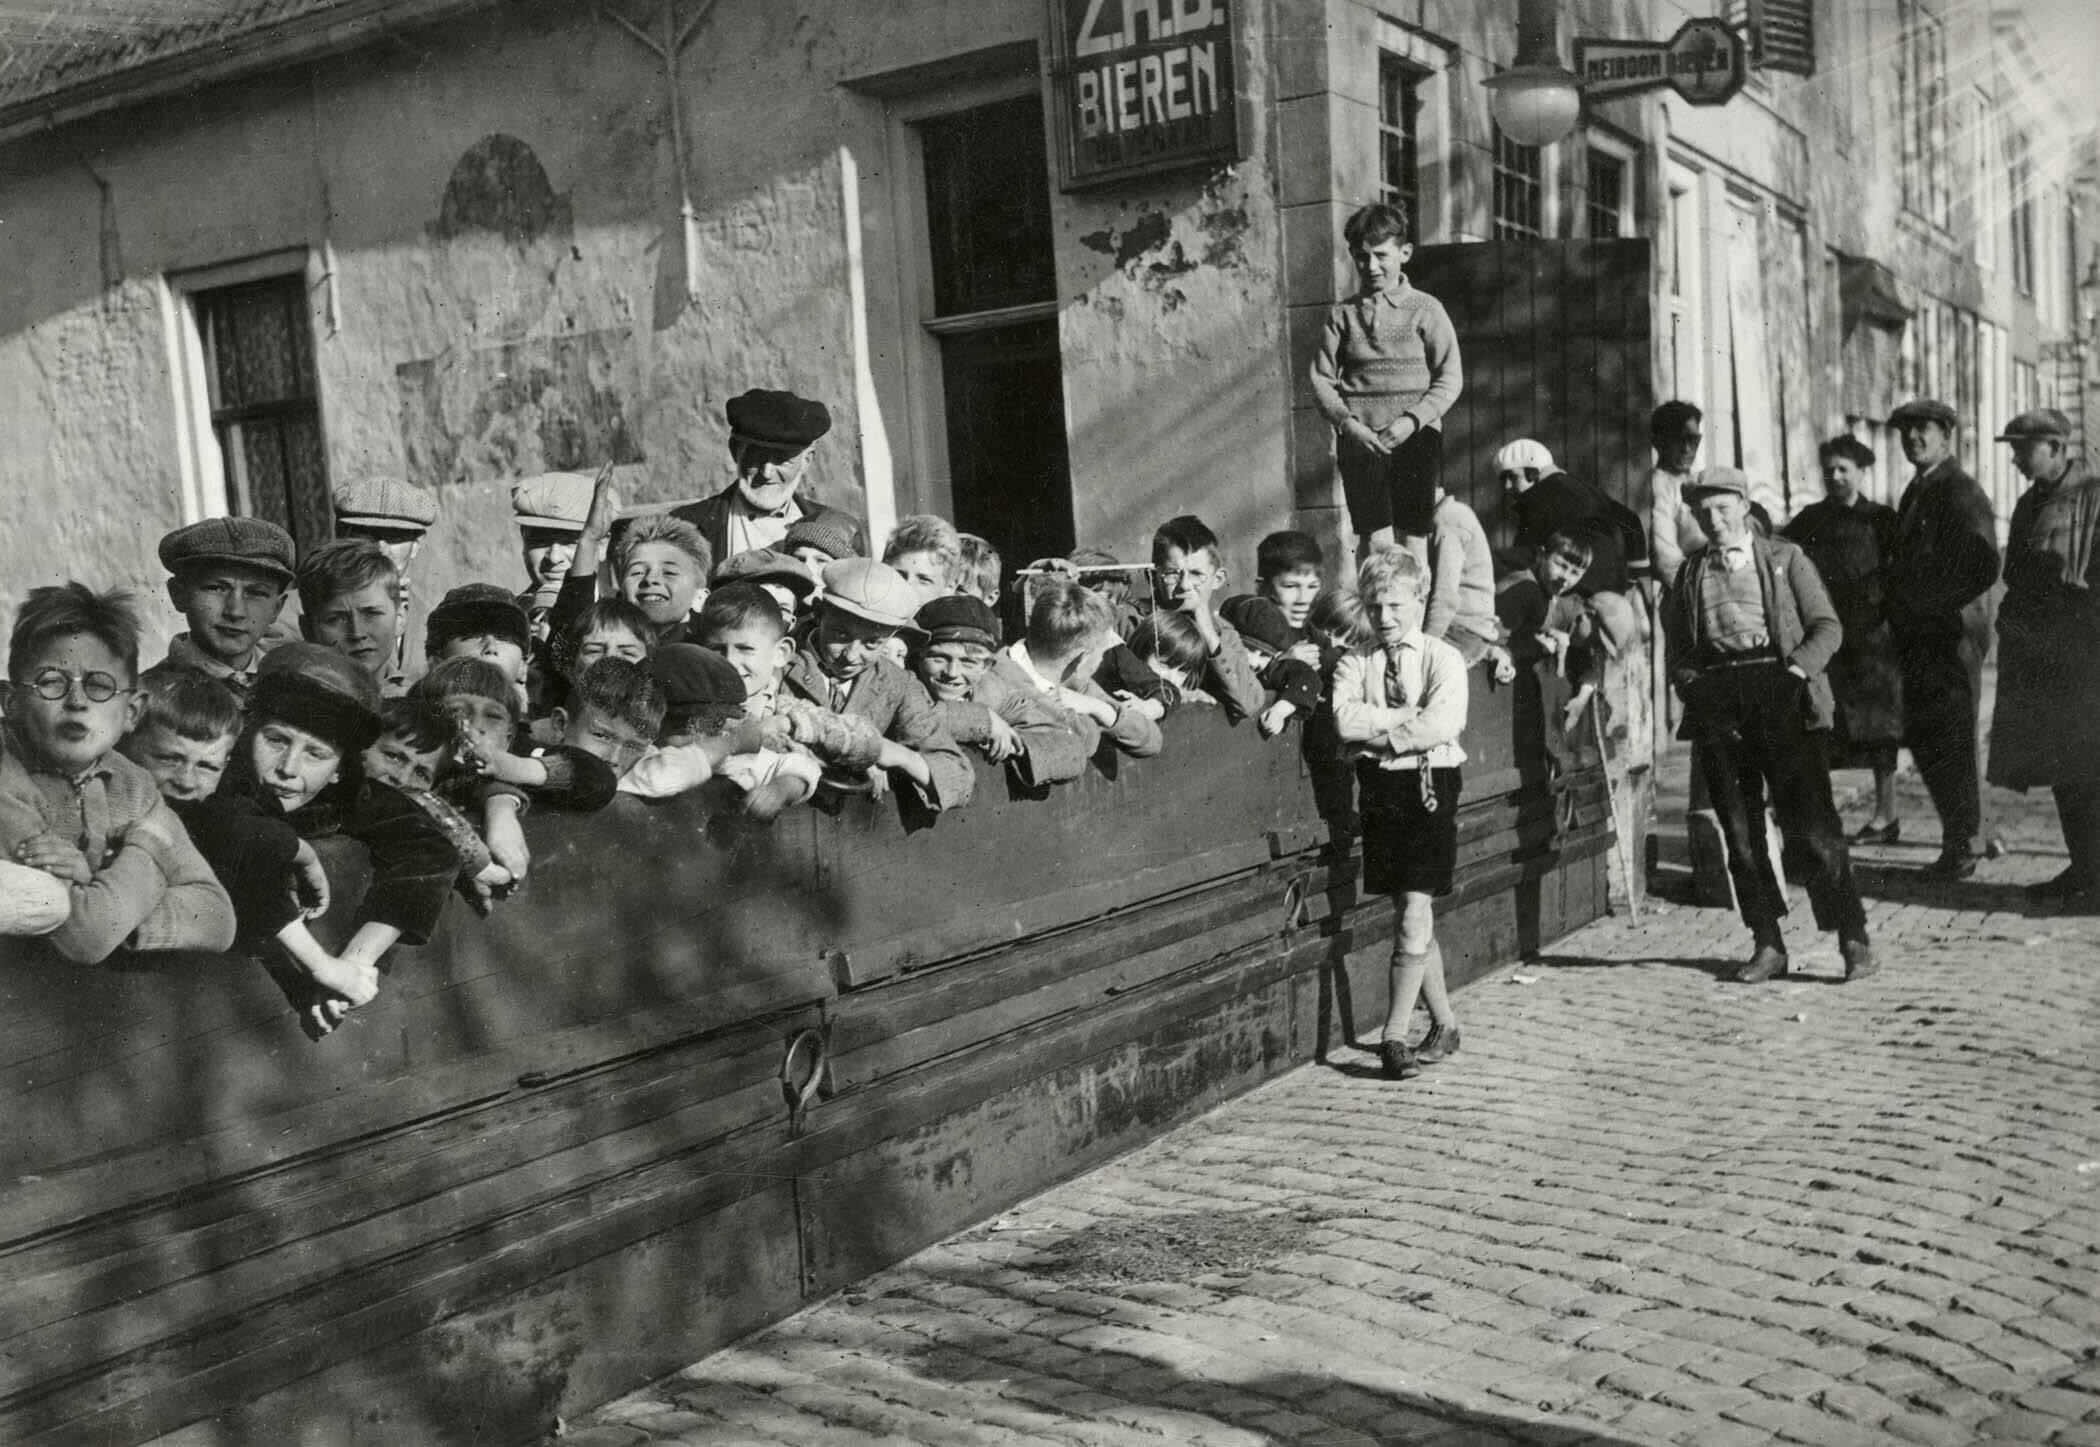 Foto van vloedplanken die aangebracht zijn voor een straat in Zierikzee op 6 november 1931. De plaatselijke jeugd poseert achter de plank en het café is gered.